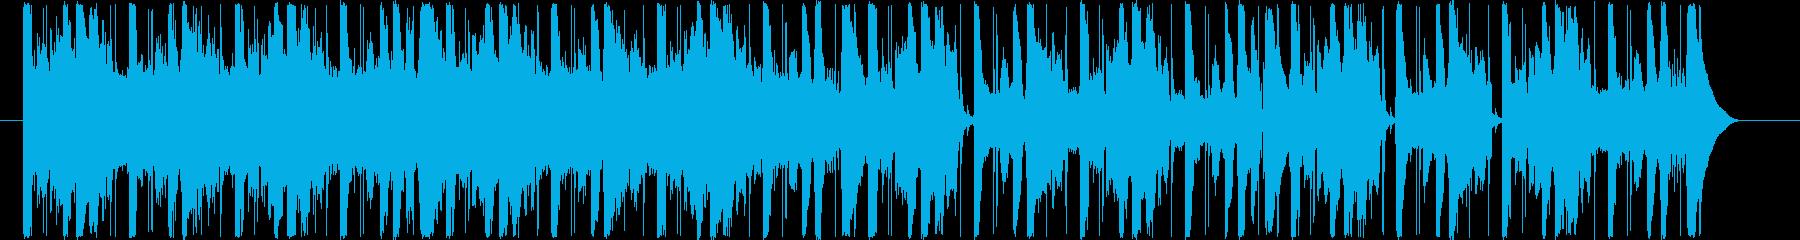 ガリガリした感じのループ音源です。の再生済みの波形